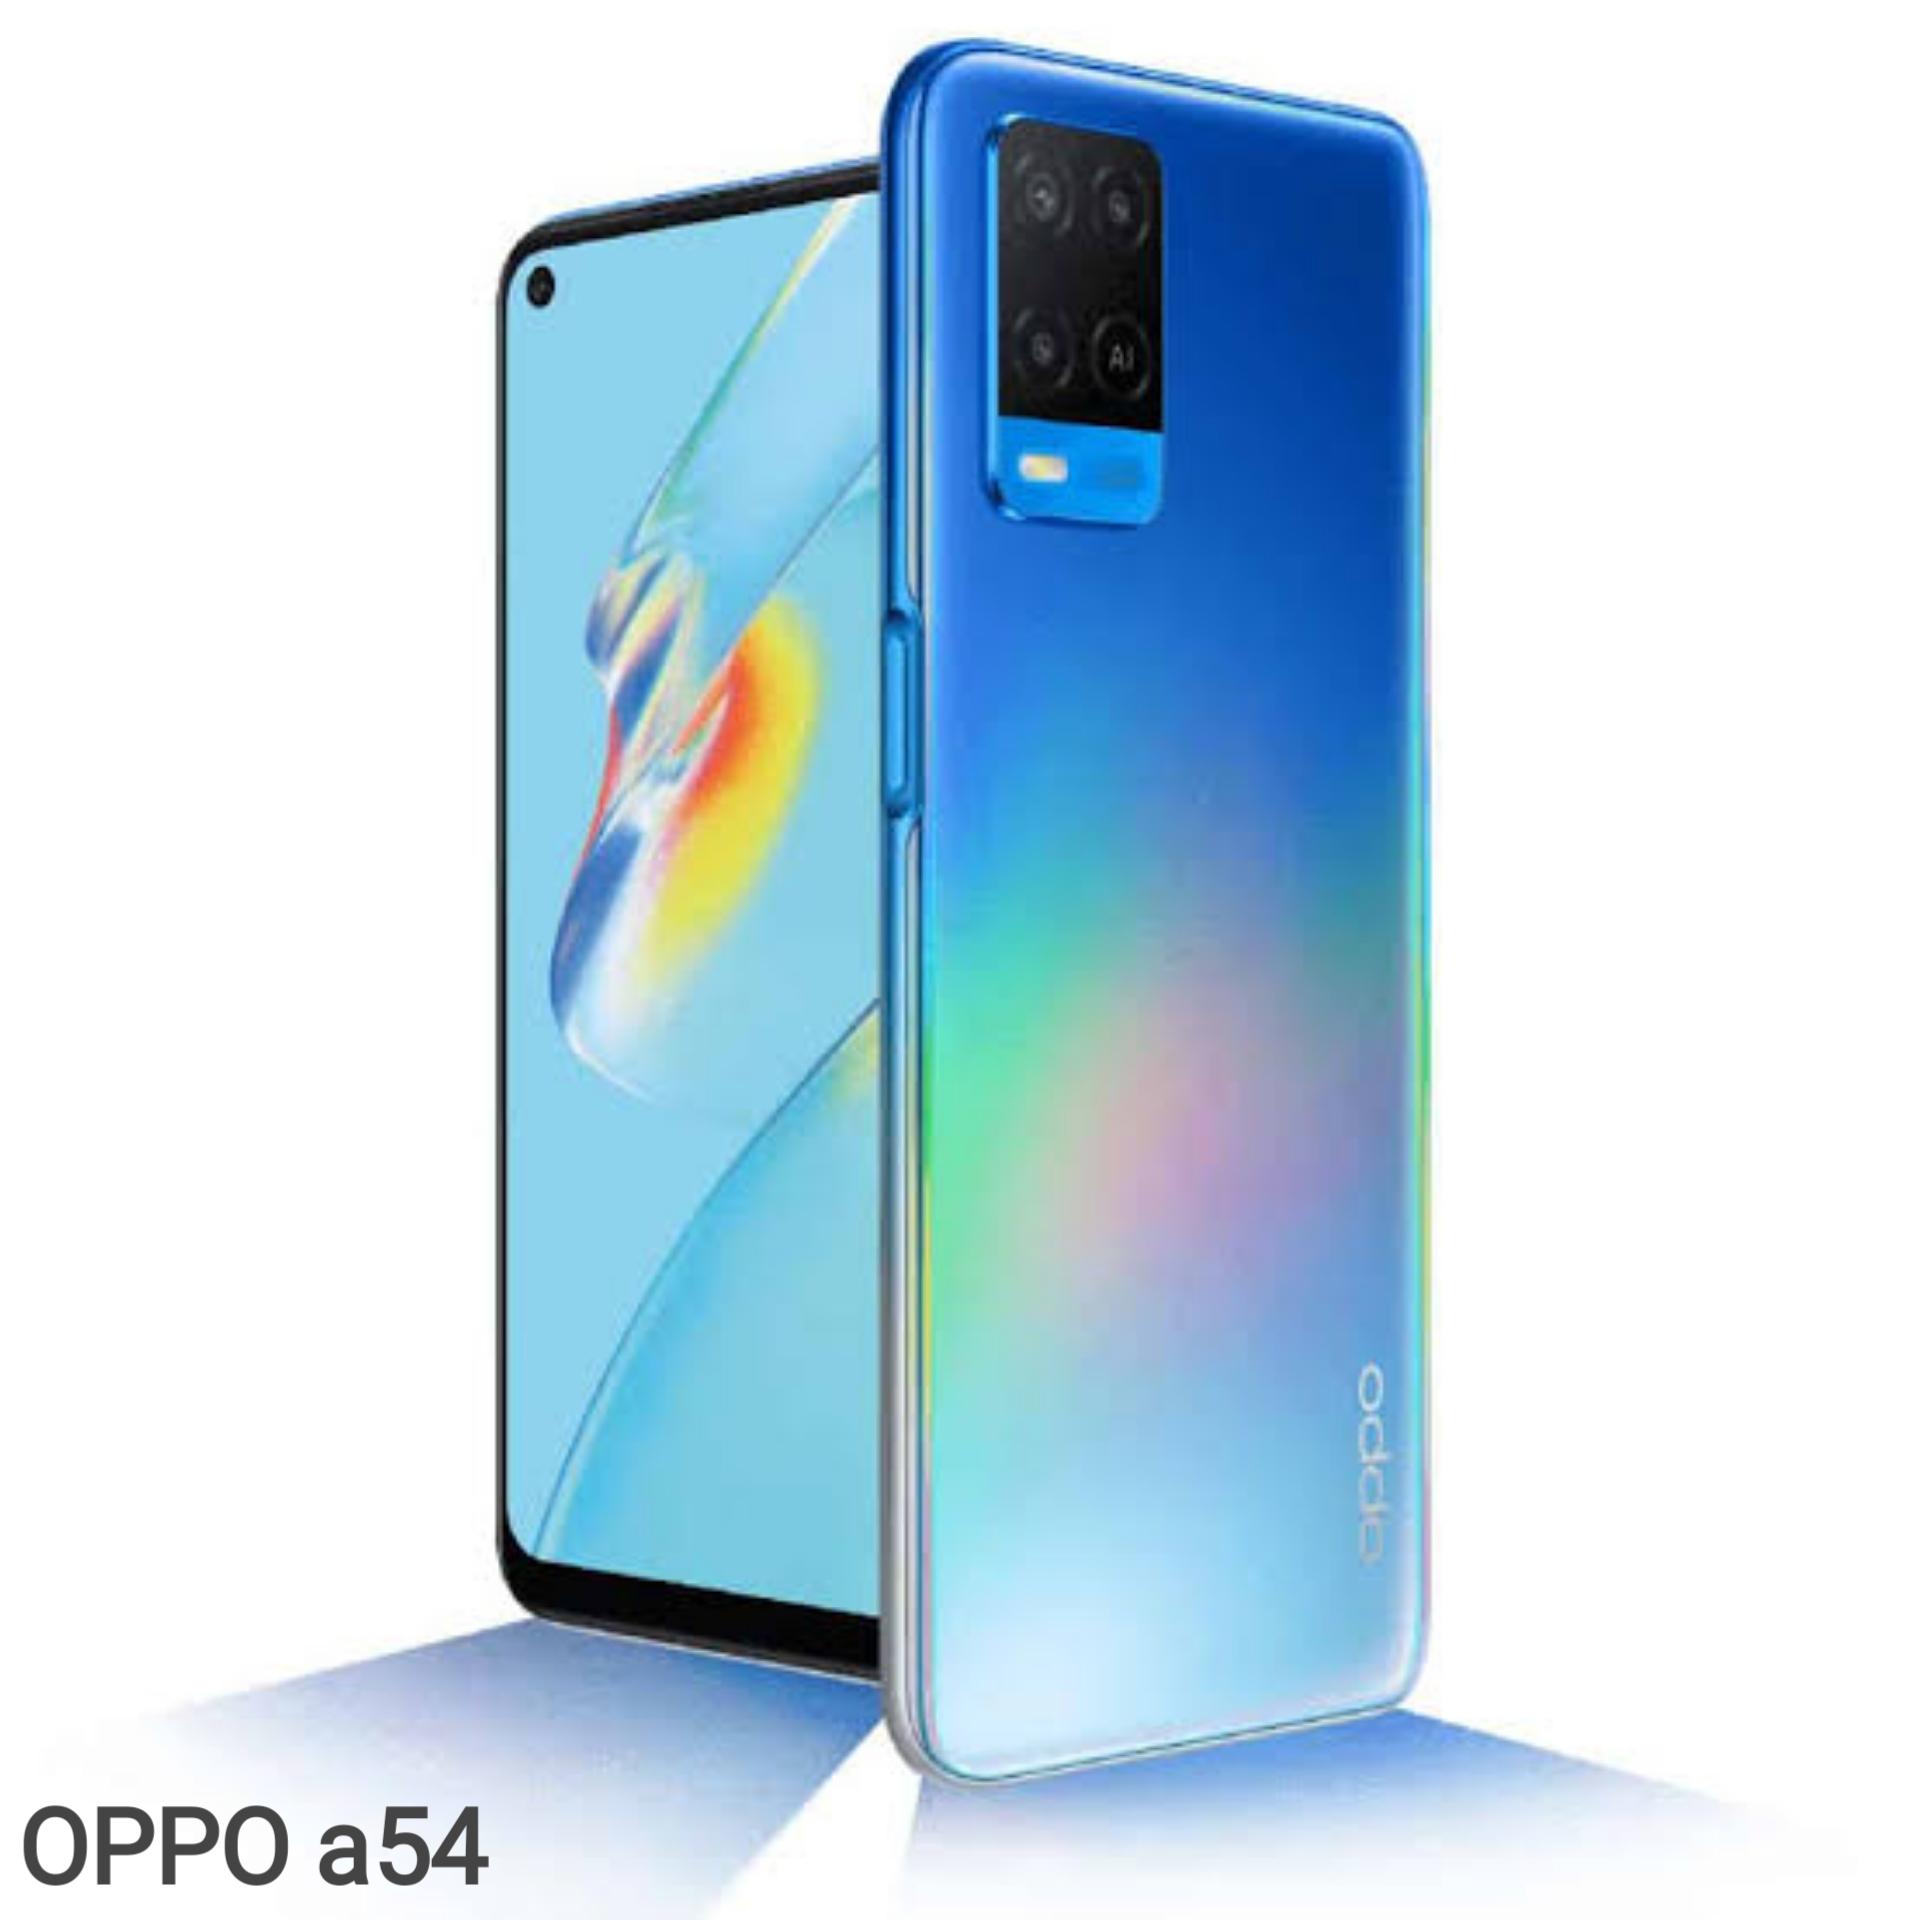 سعر ومواصفات وعيوب تليفون اوبو a54 مميزات OPPO